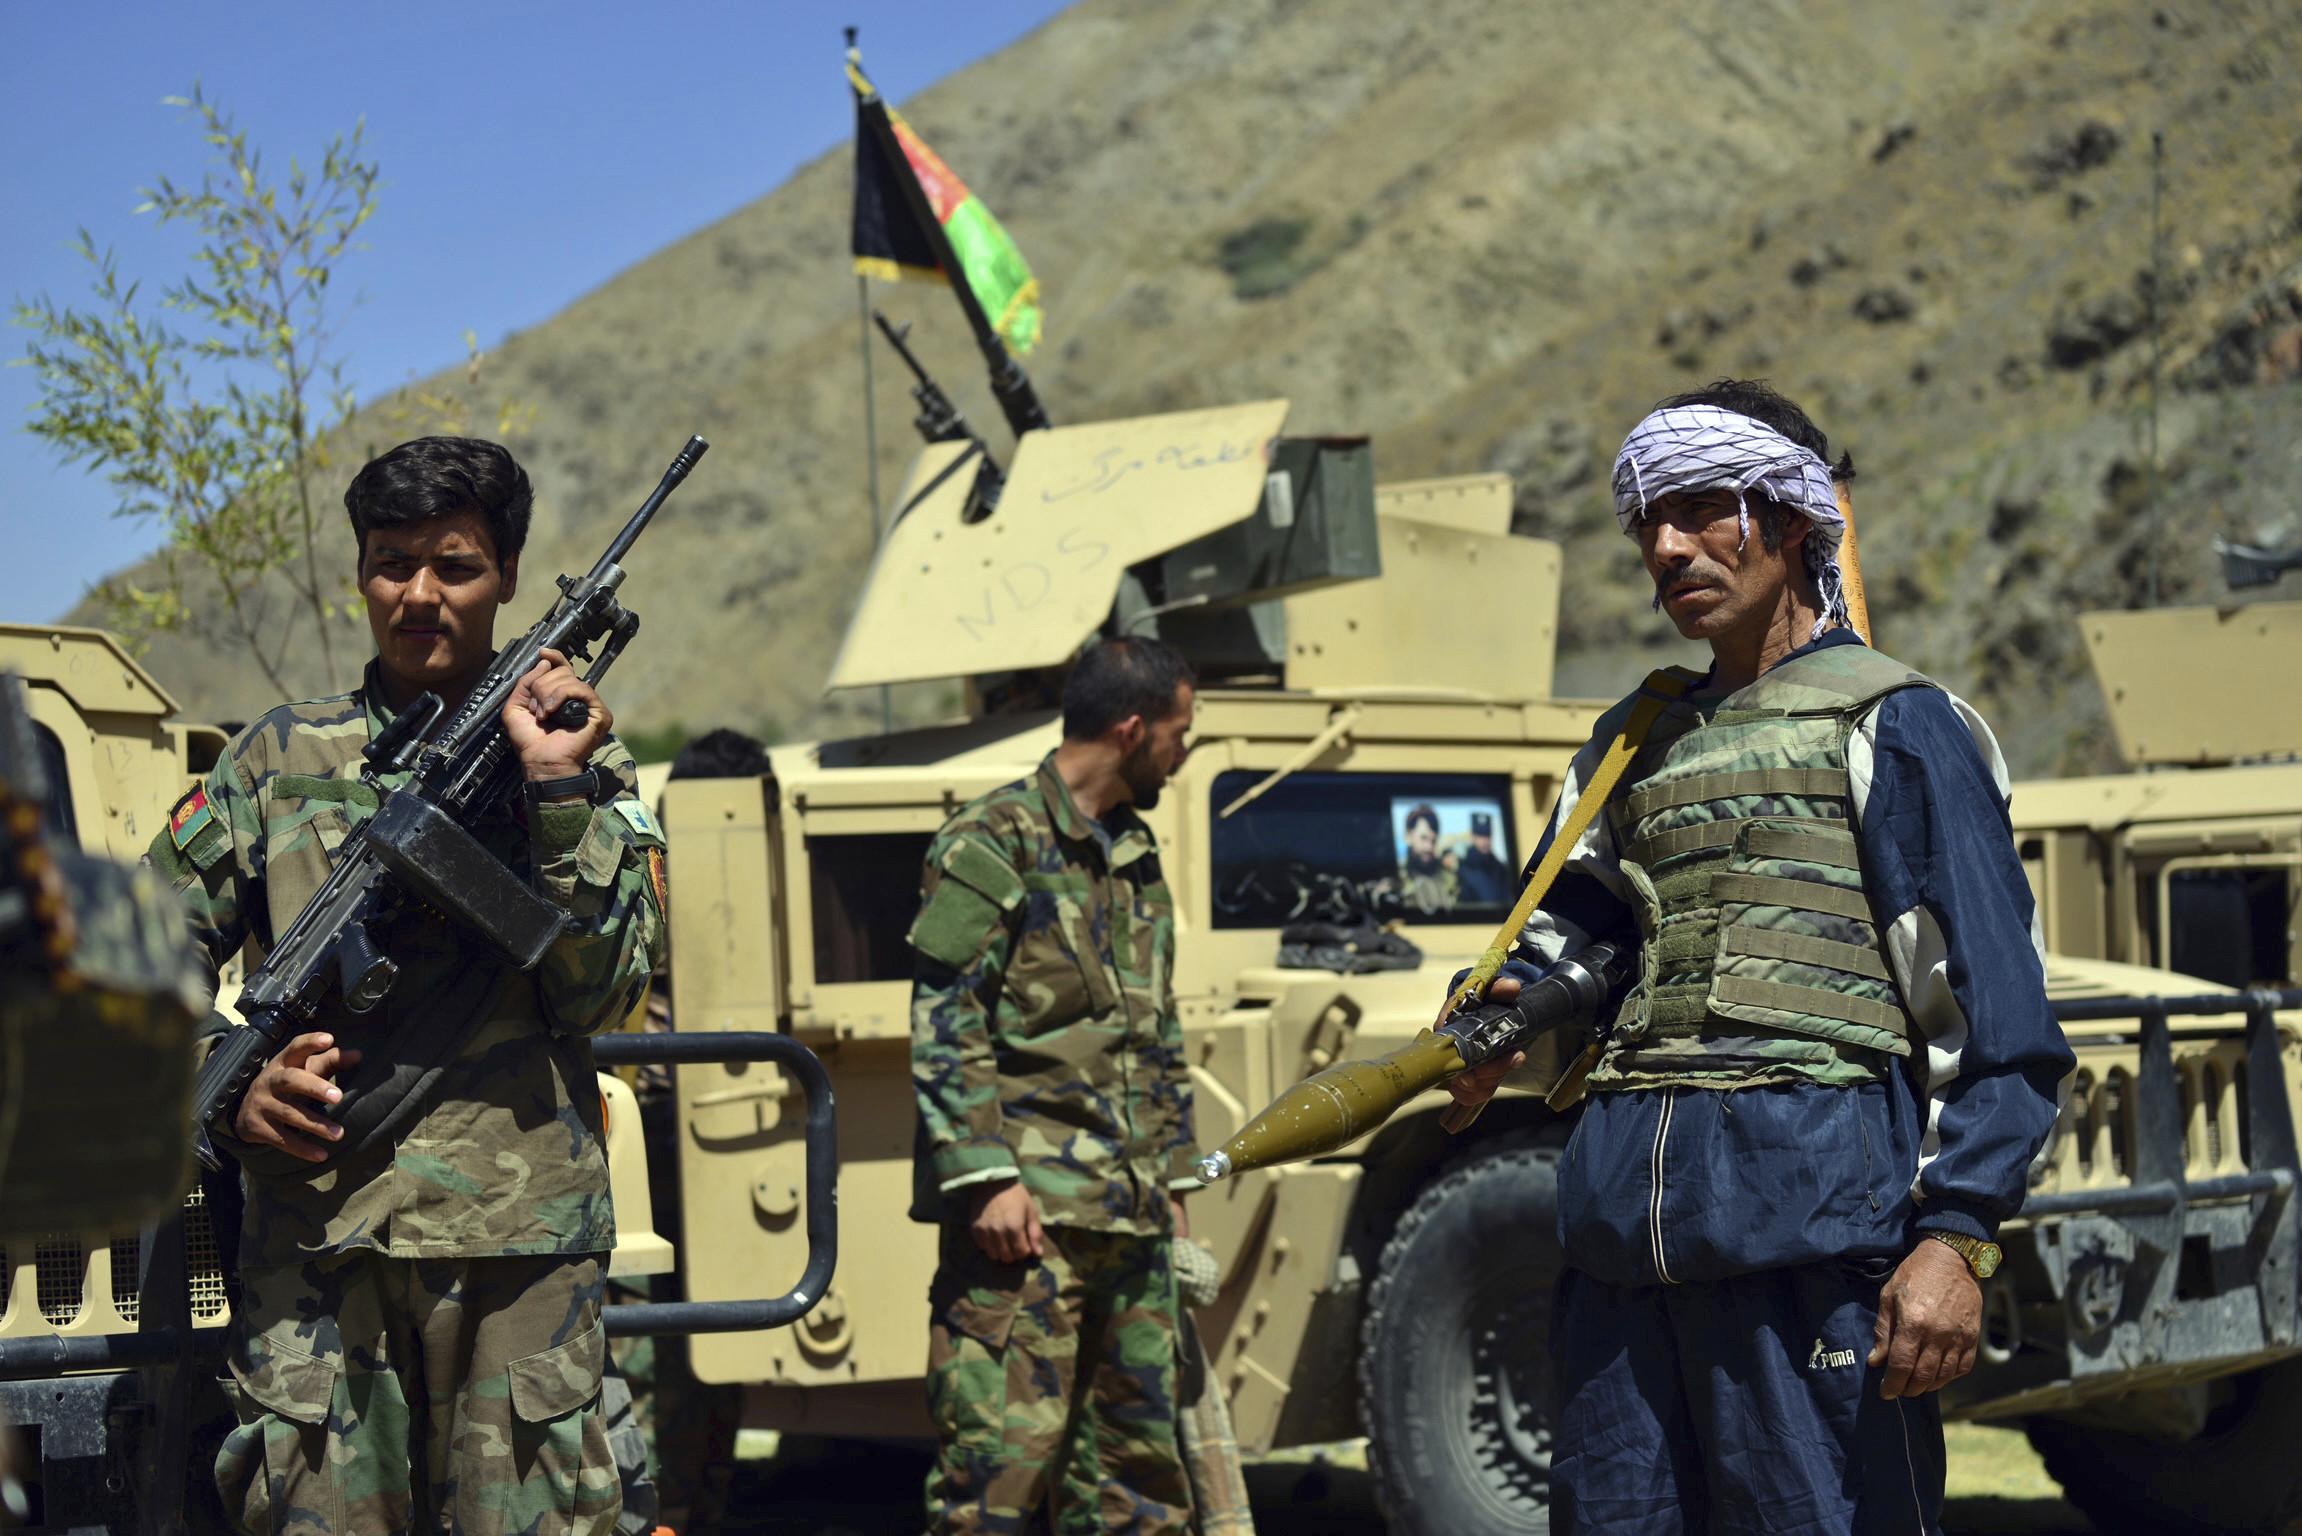 [新聞] 阿富汗反抗軍死守拒投降! 塔利班盼和平